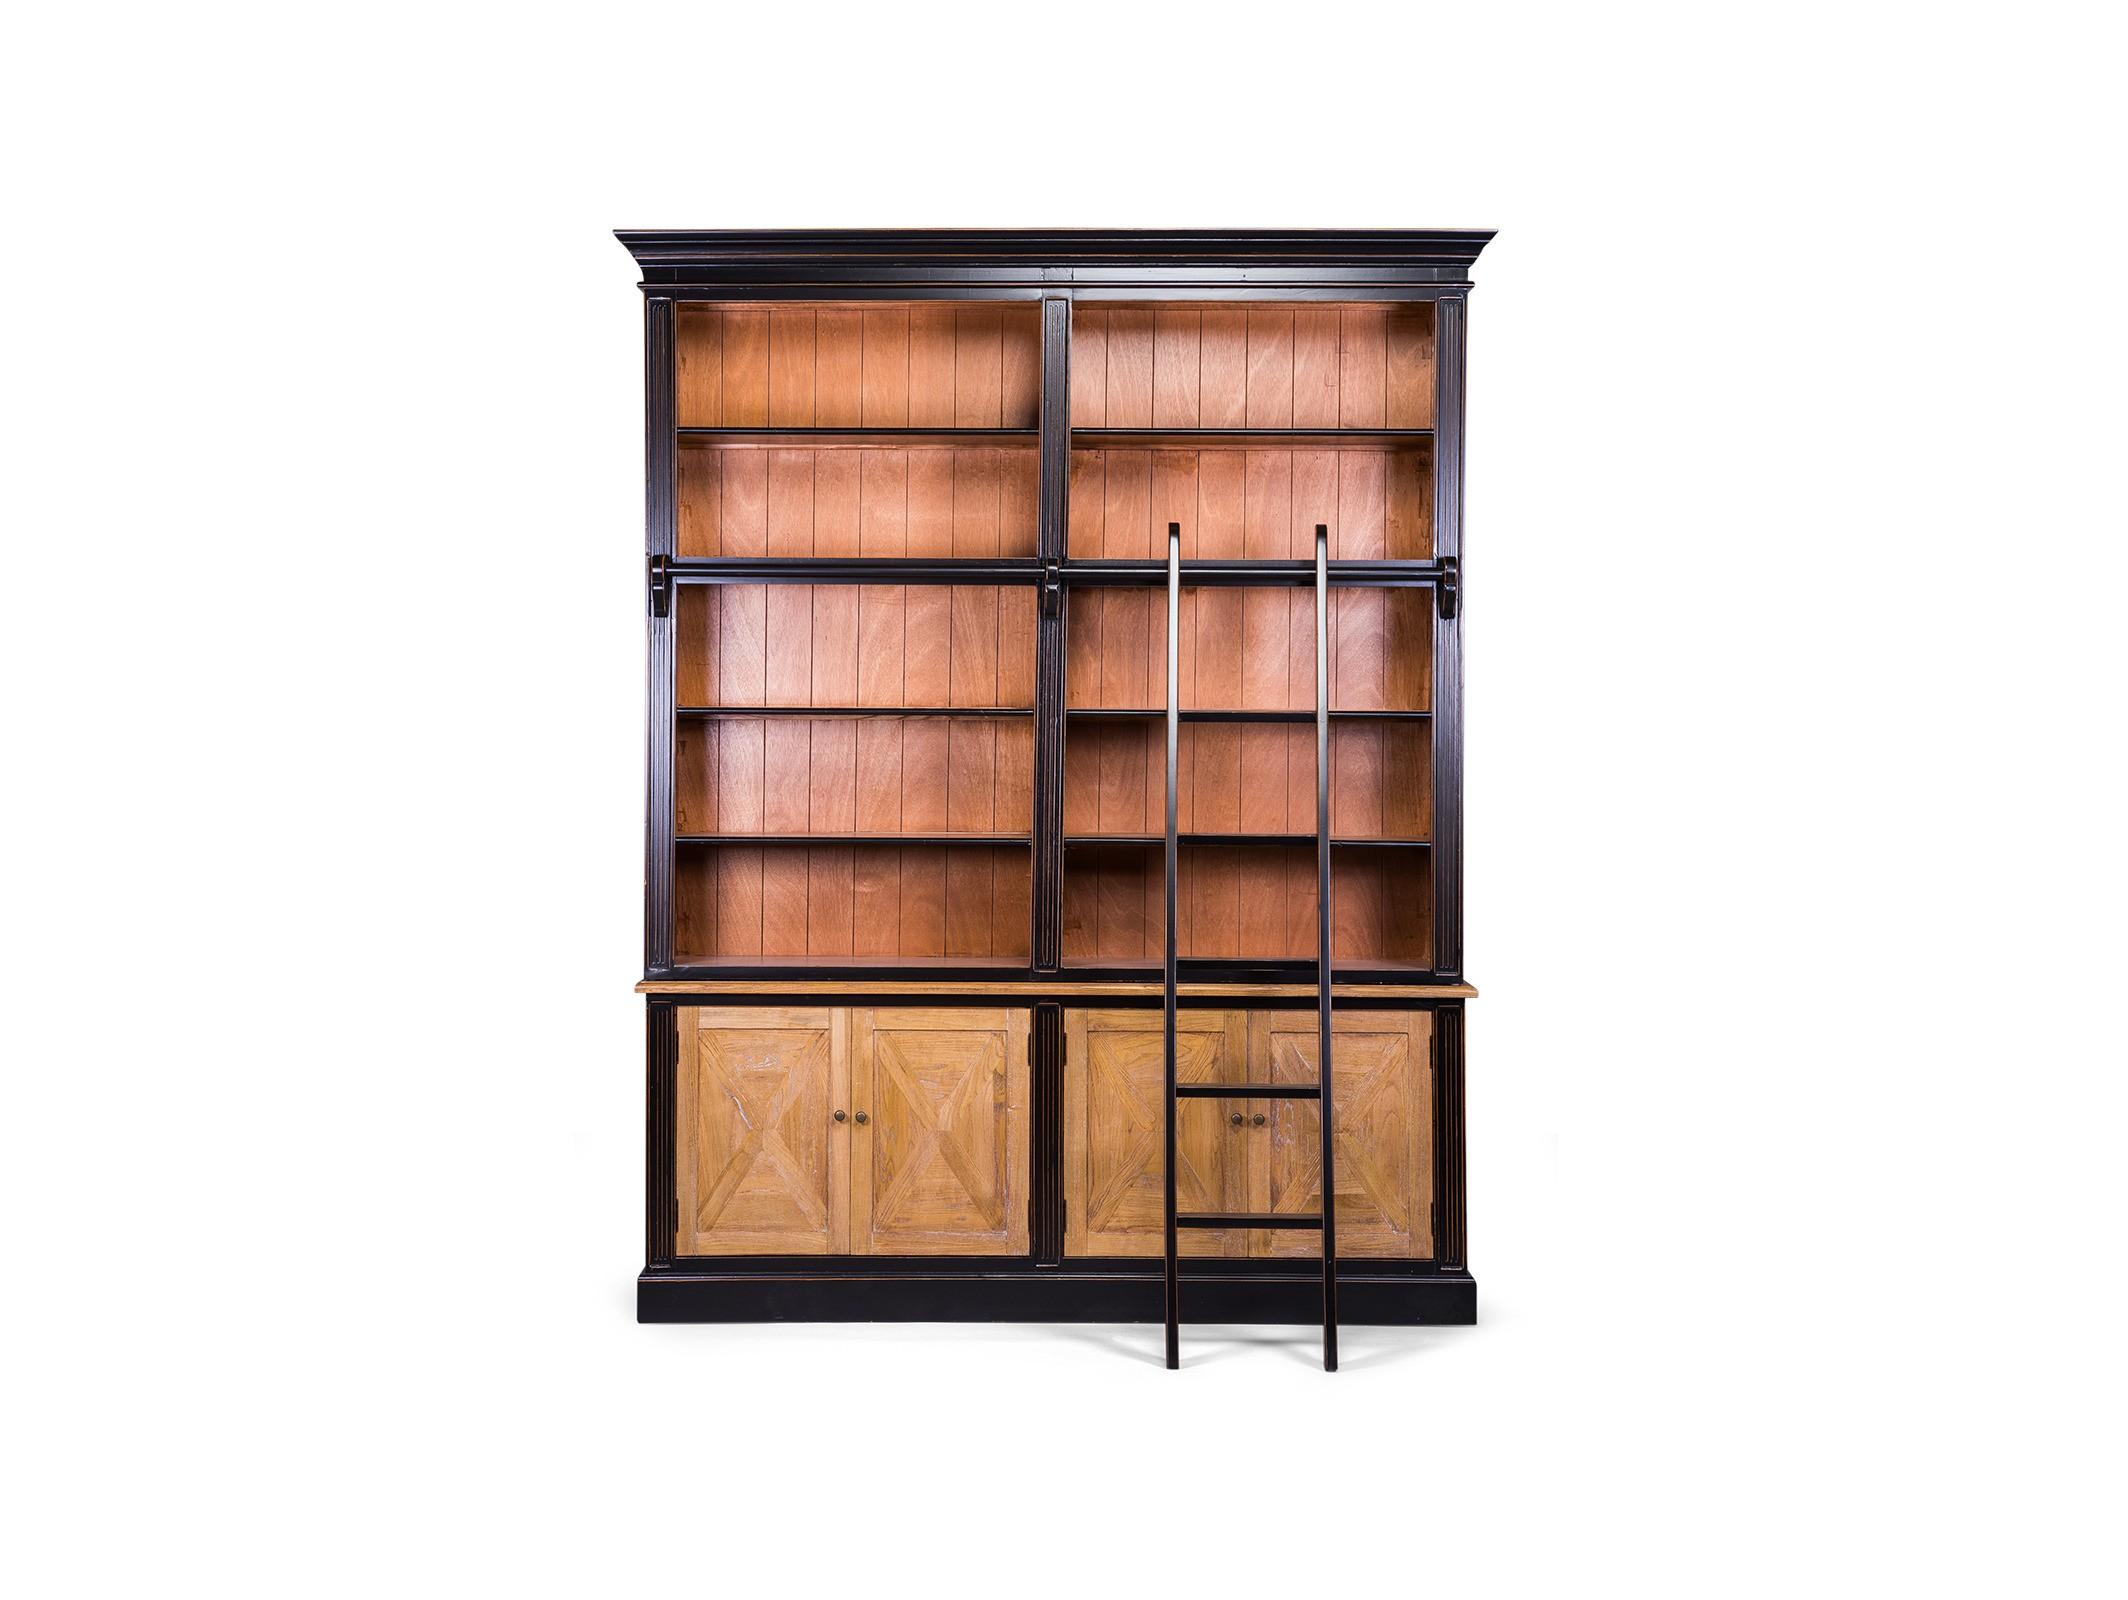 Библиотека RoomyКнижные шкафы и библиотеки<br><br><br>Material: Дерево<br>Ширина см: 166<br>Высота см: 195<br>Глубина см: 40